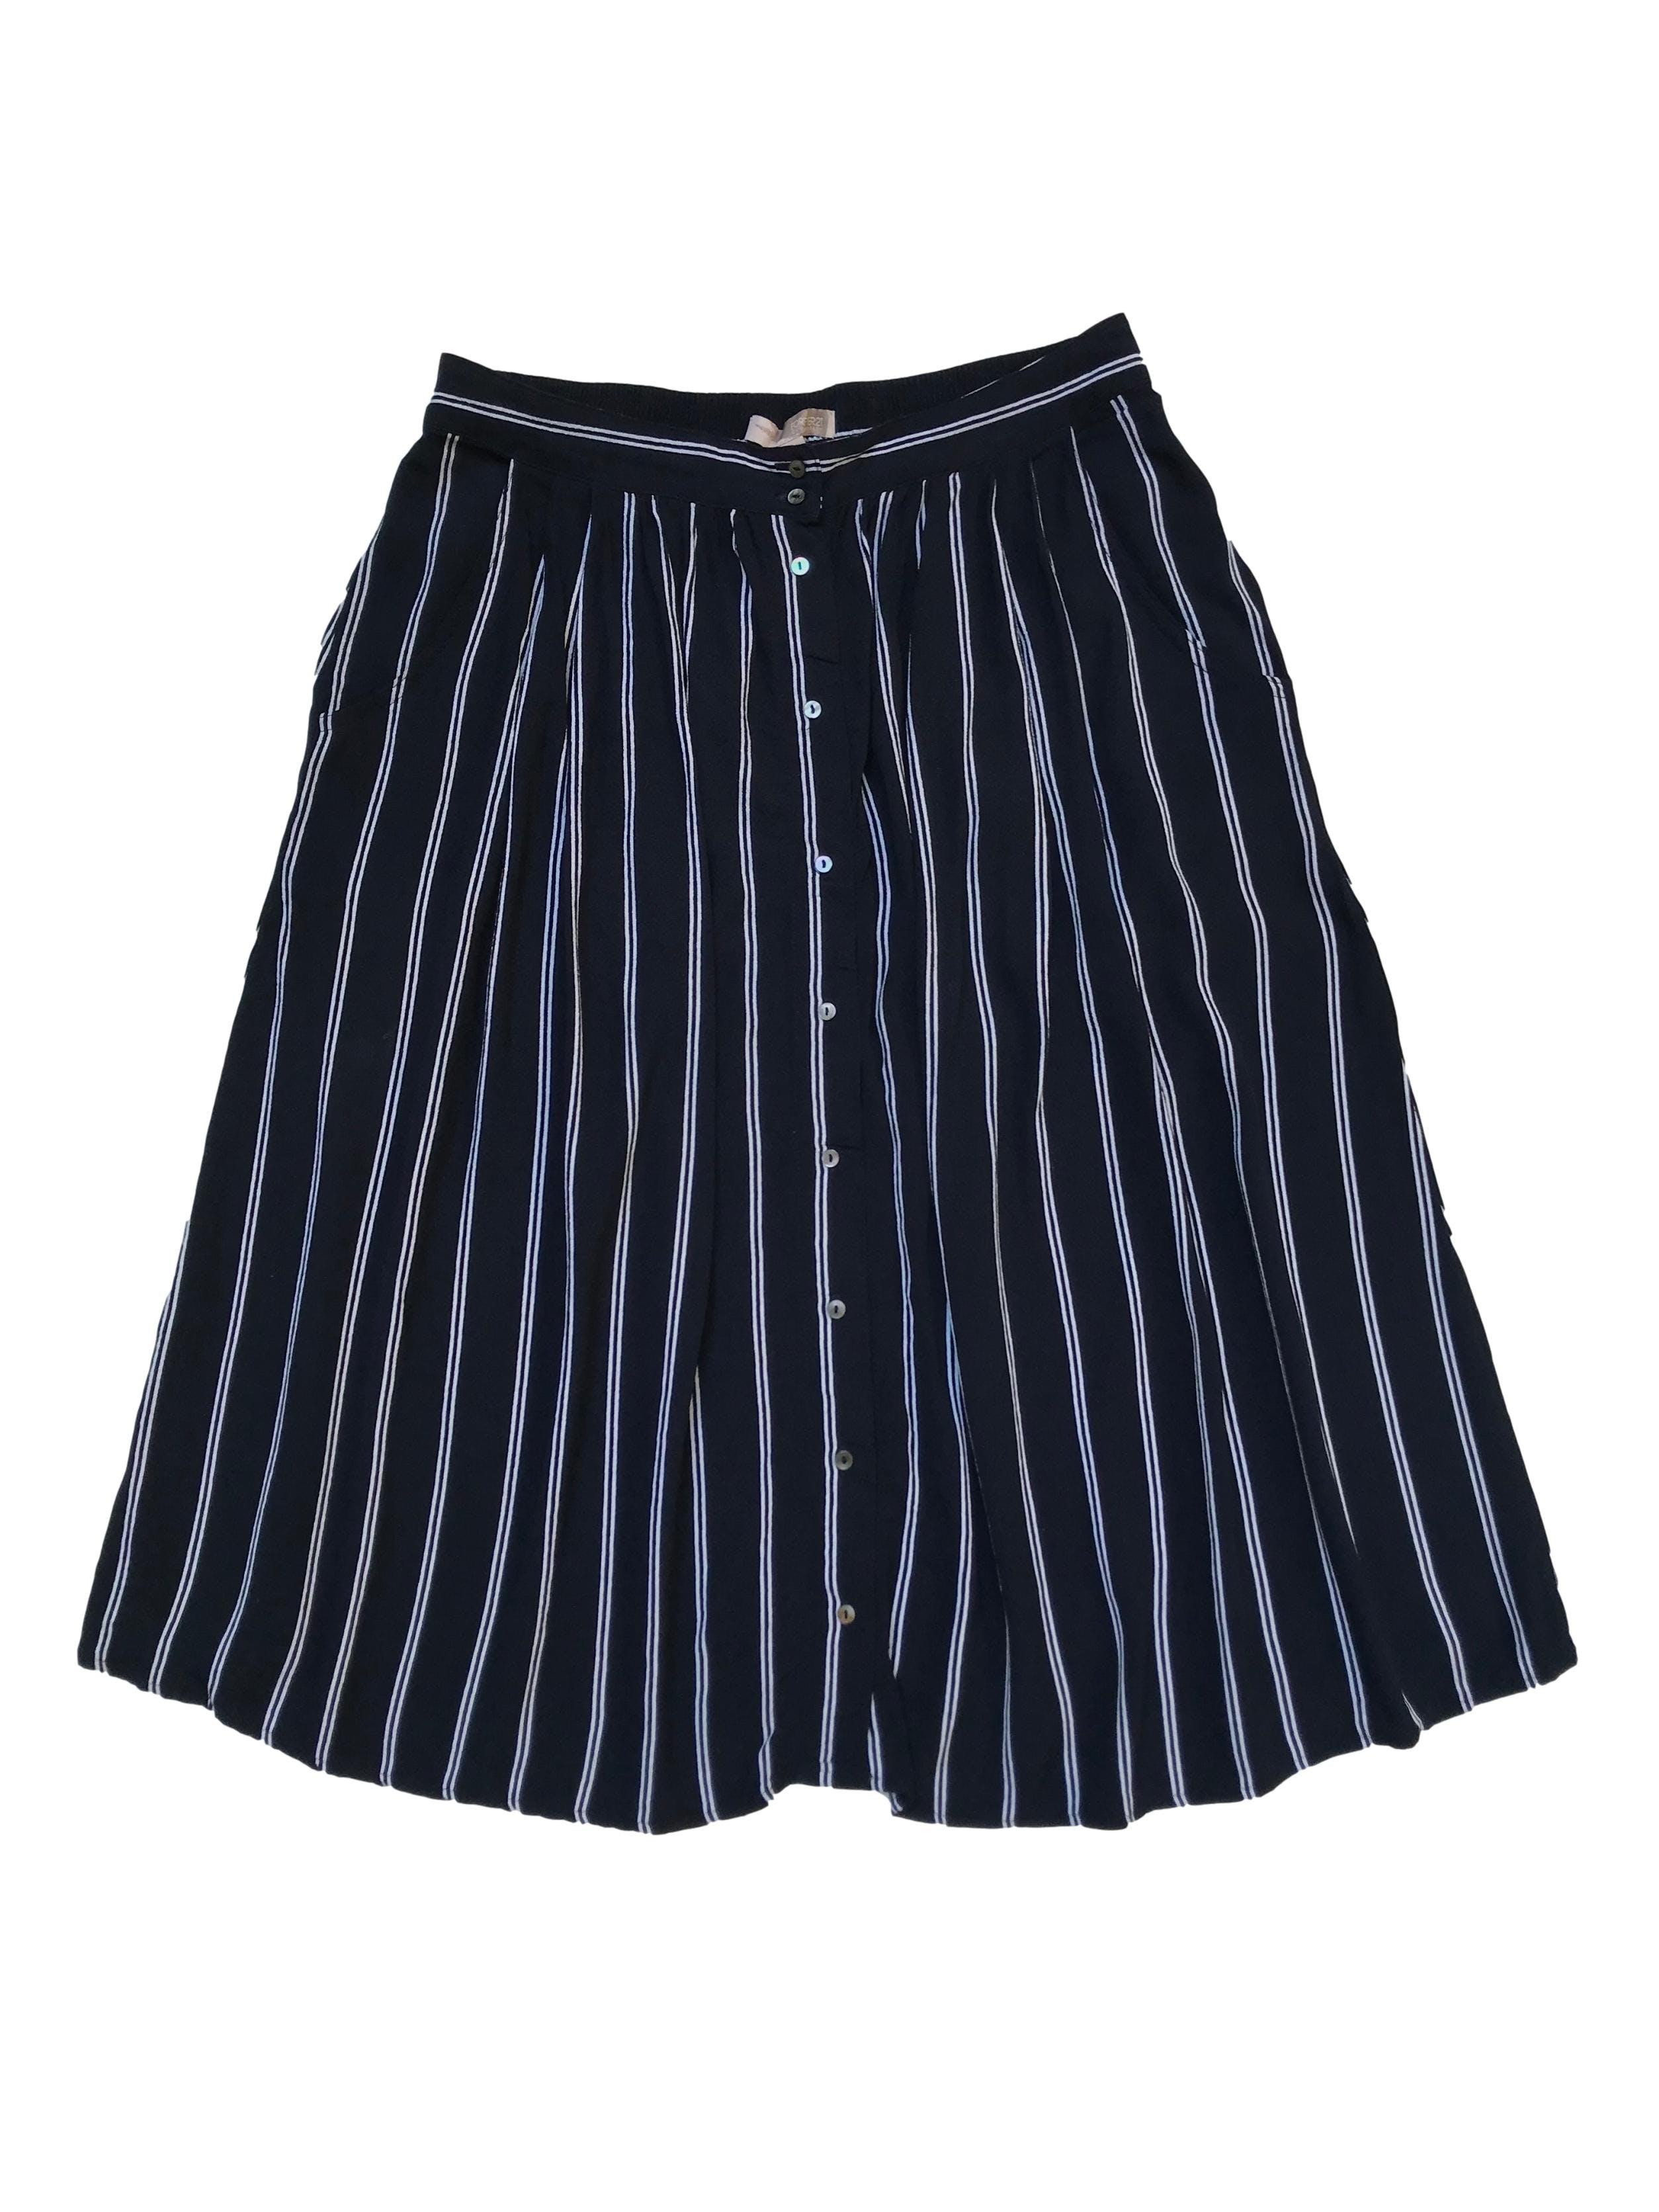 Falda midi Forever 21 de rayón azul con botones nacarados al centro y bolsillos laterales, pretina elástica atrás. Cintura 74cm sin estirar Largo 68cm